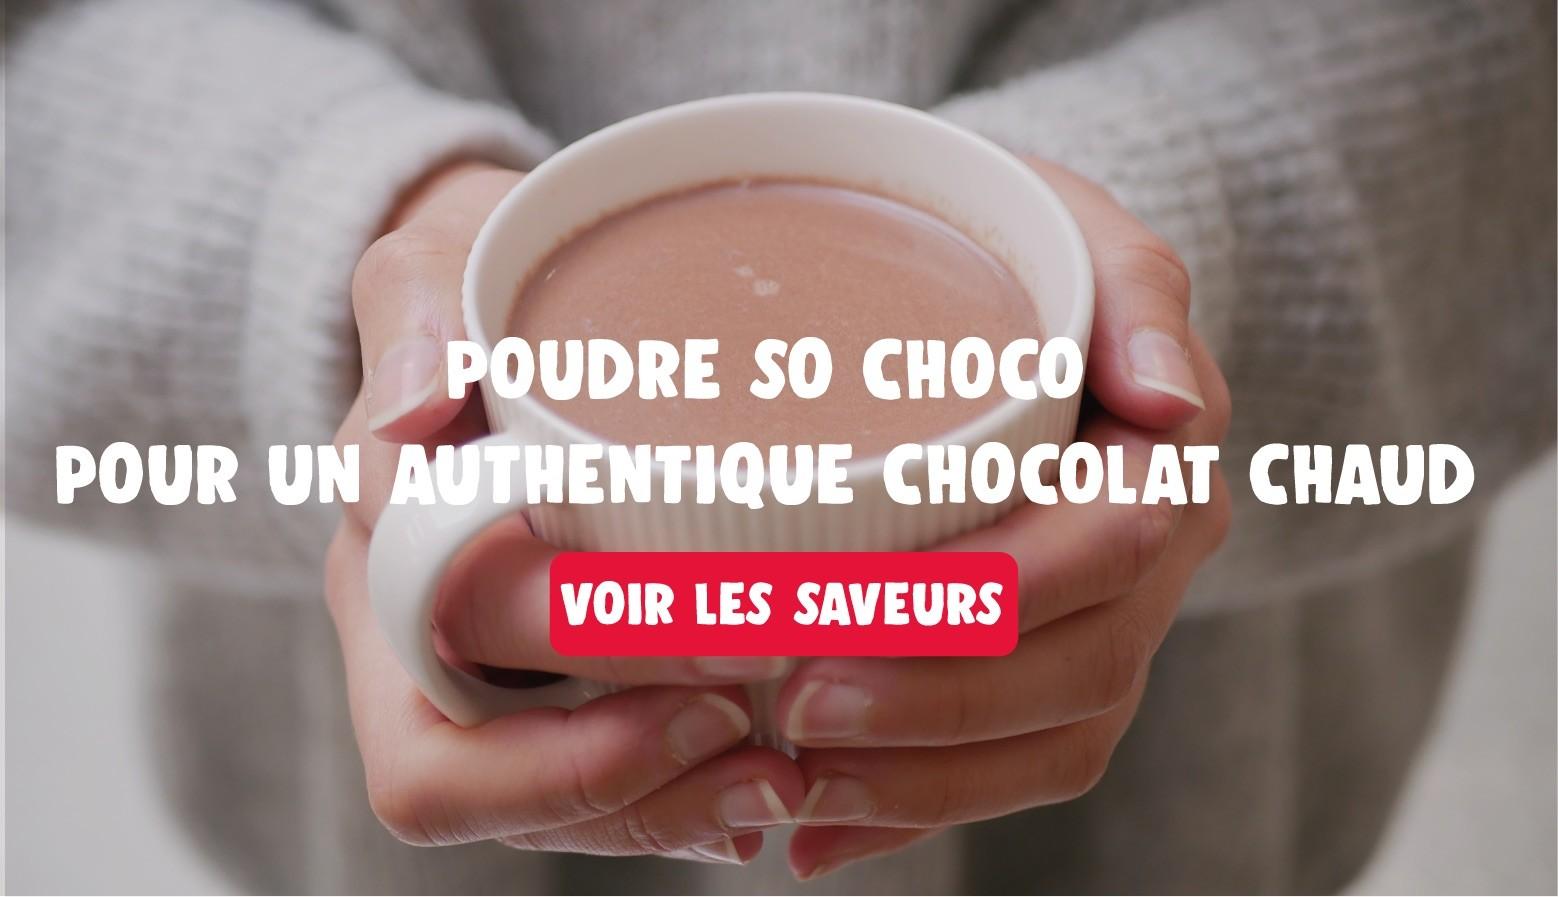 Chocolat chaud crémeux vegan